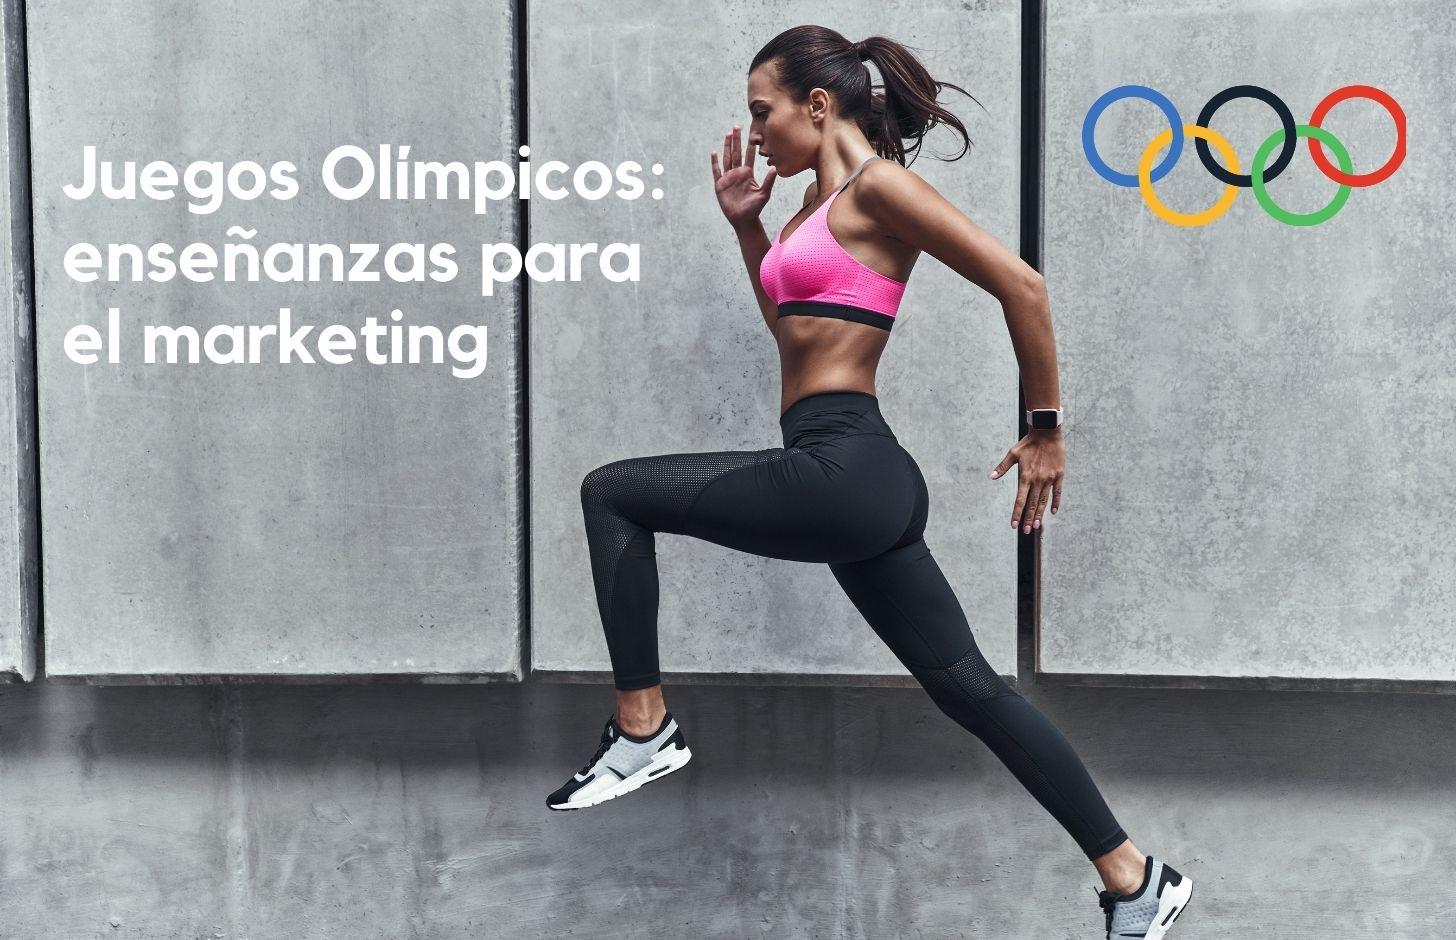 juegos olimpicos marketing